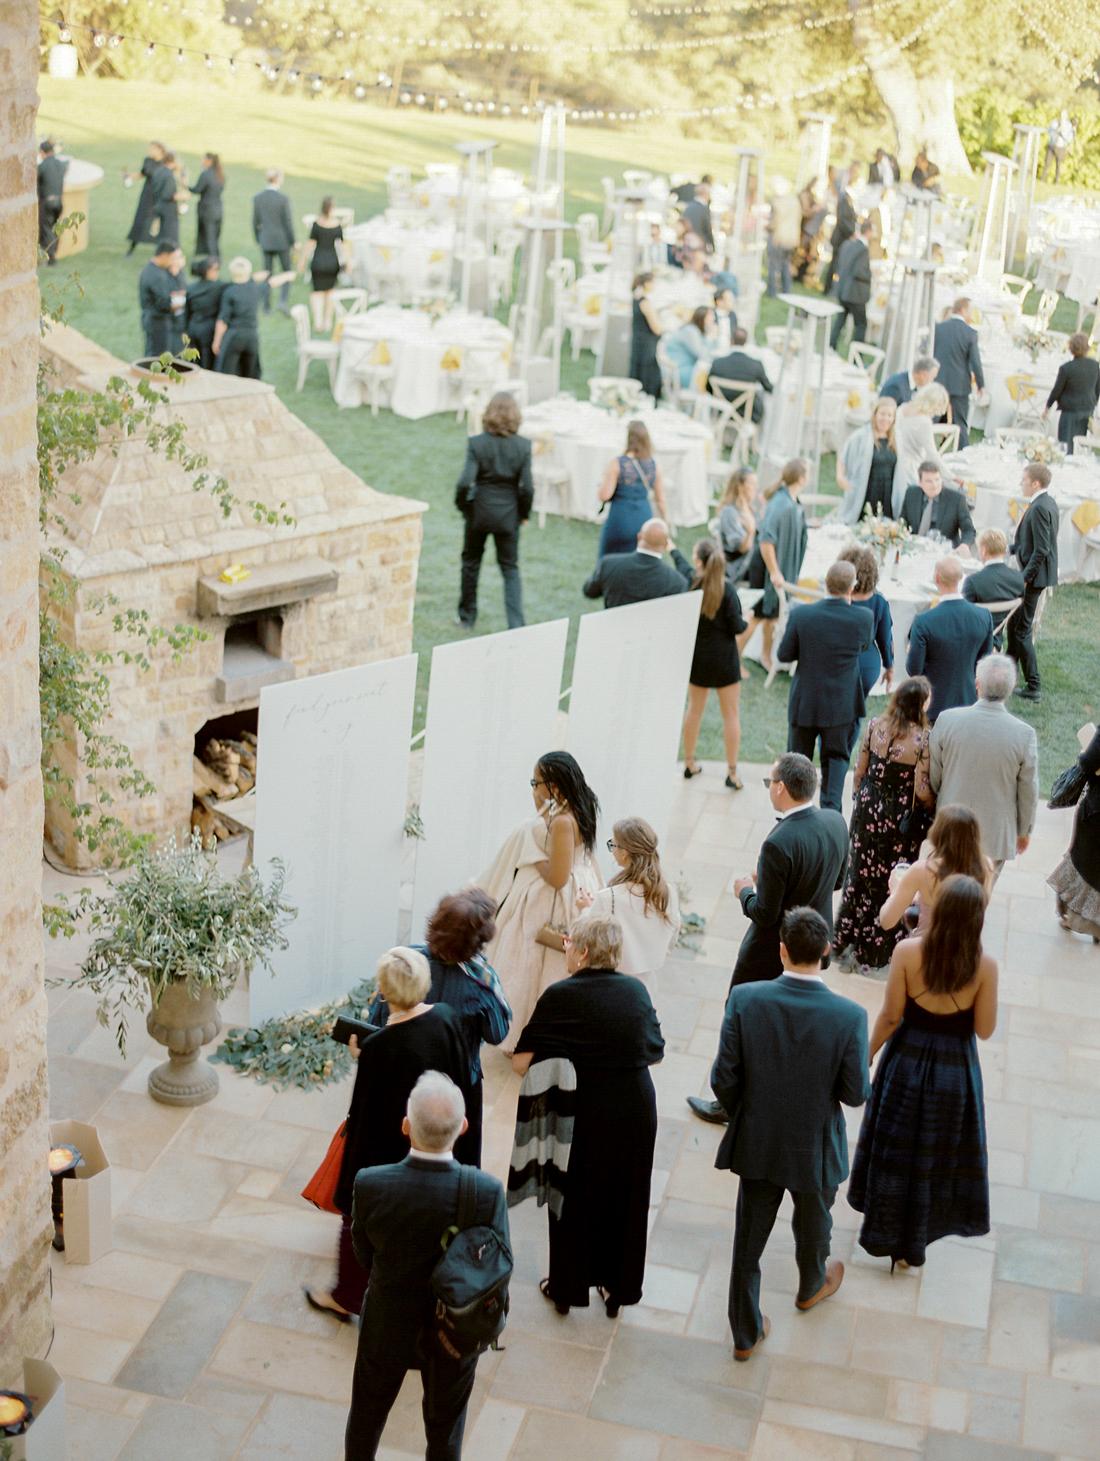 guests entering wedding reception area